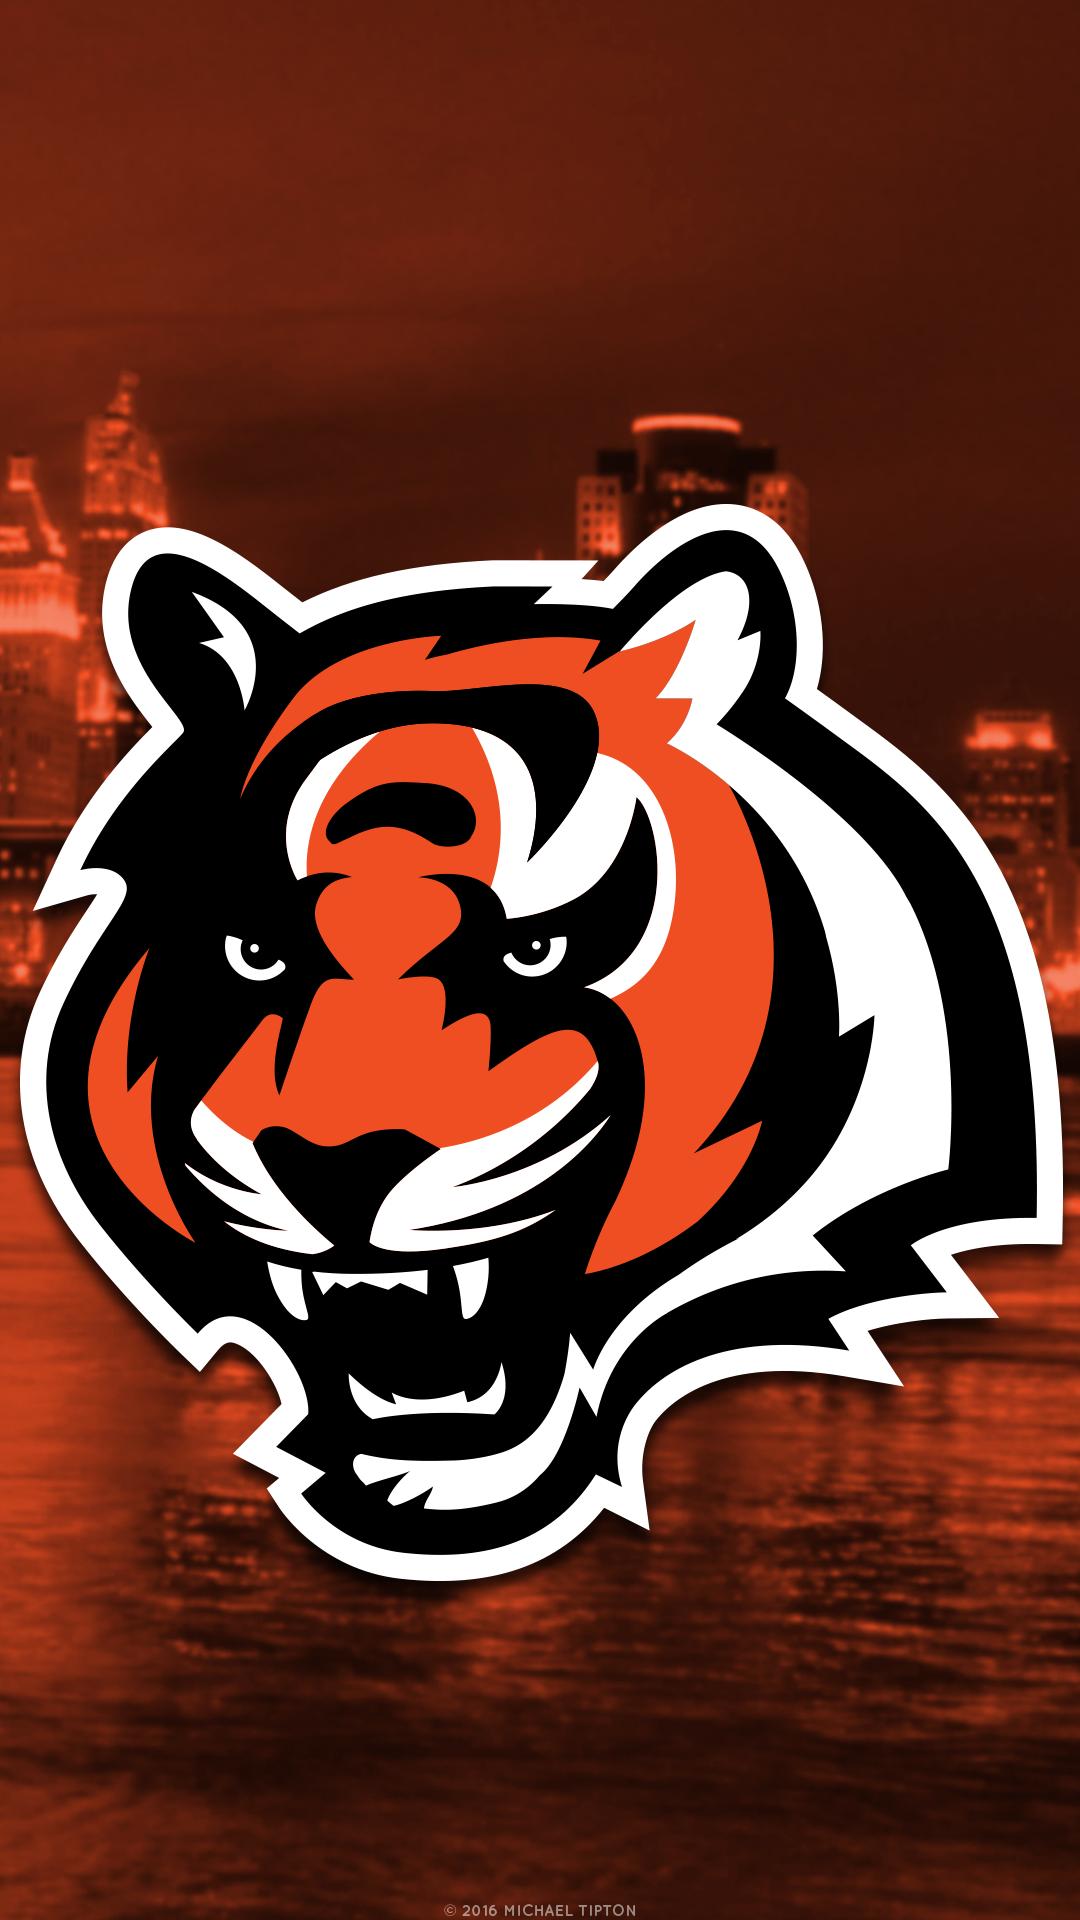 Sports/Cincinnati Bengals (1080x1920